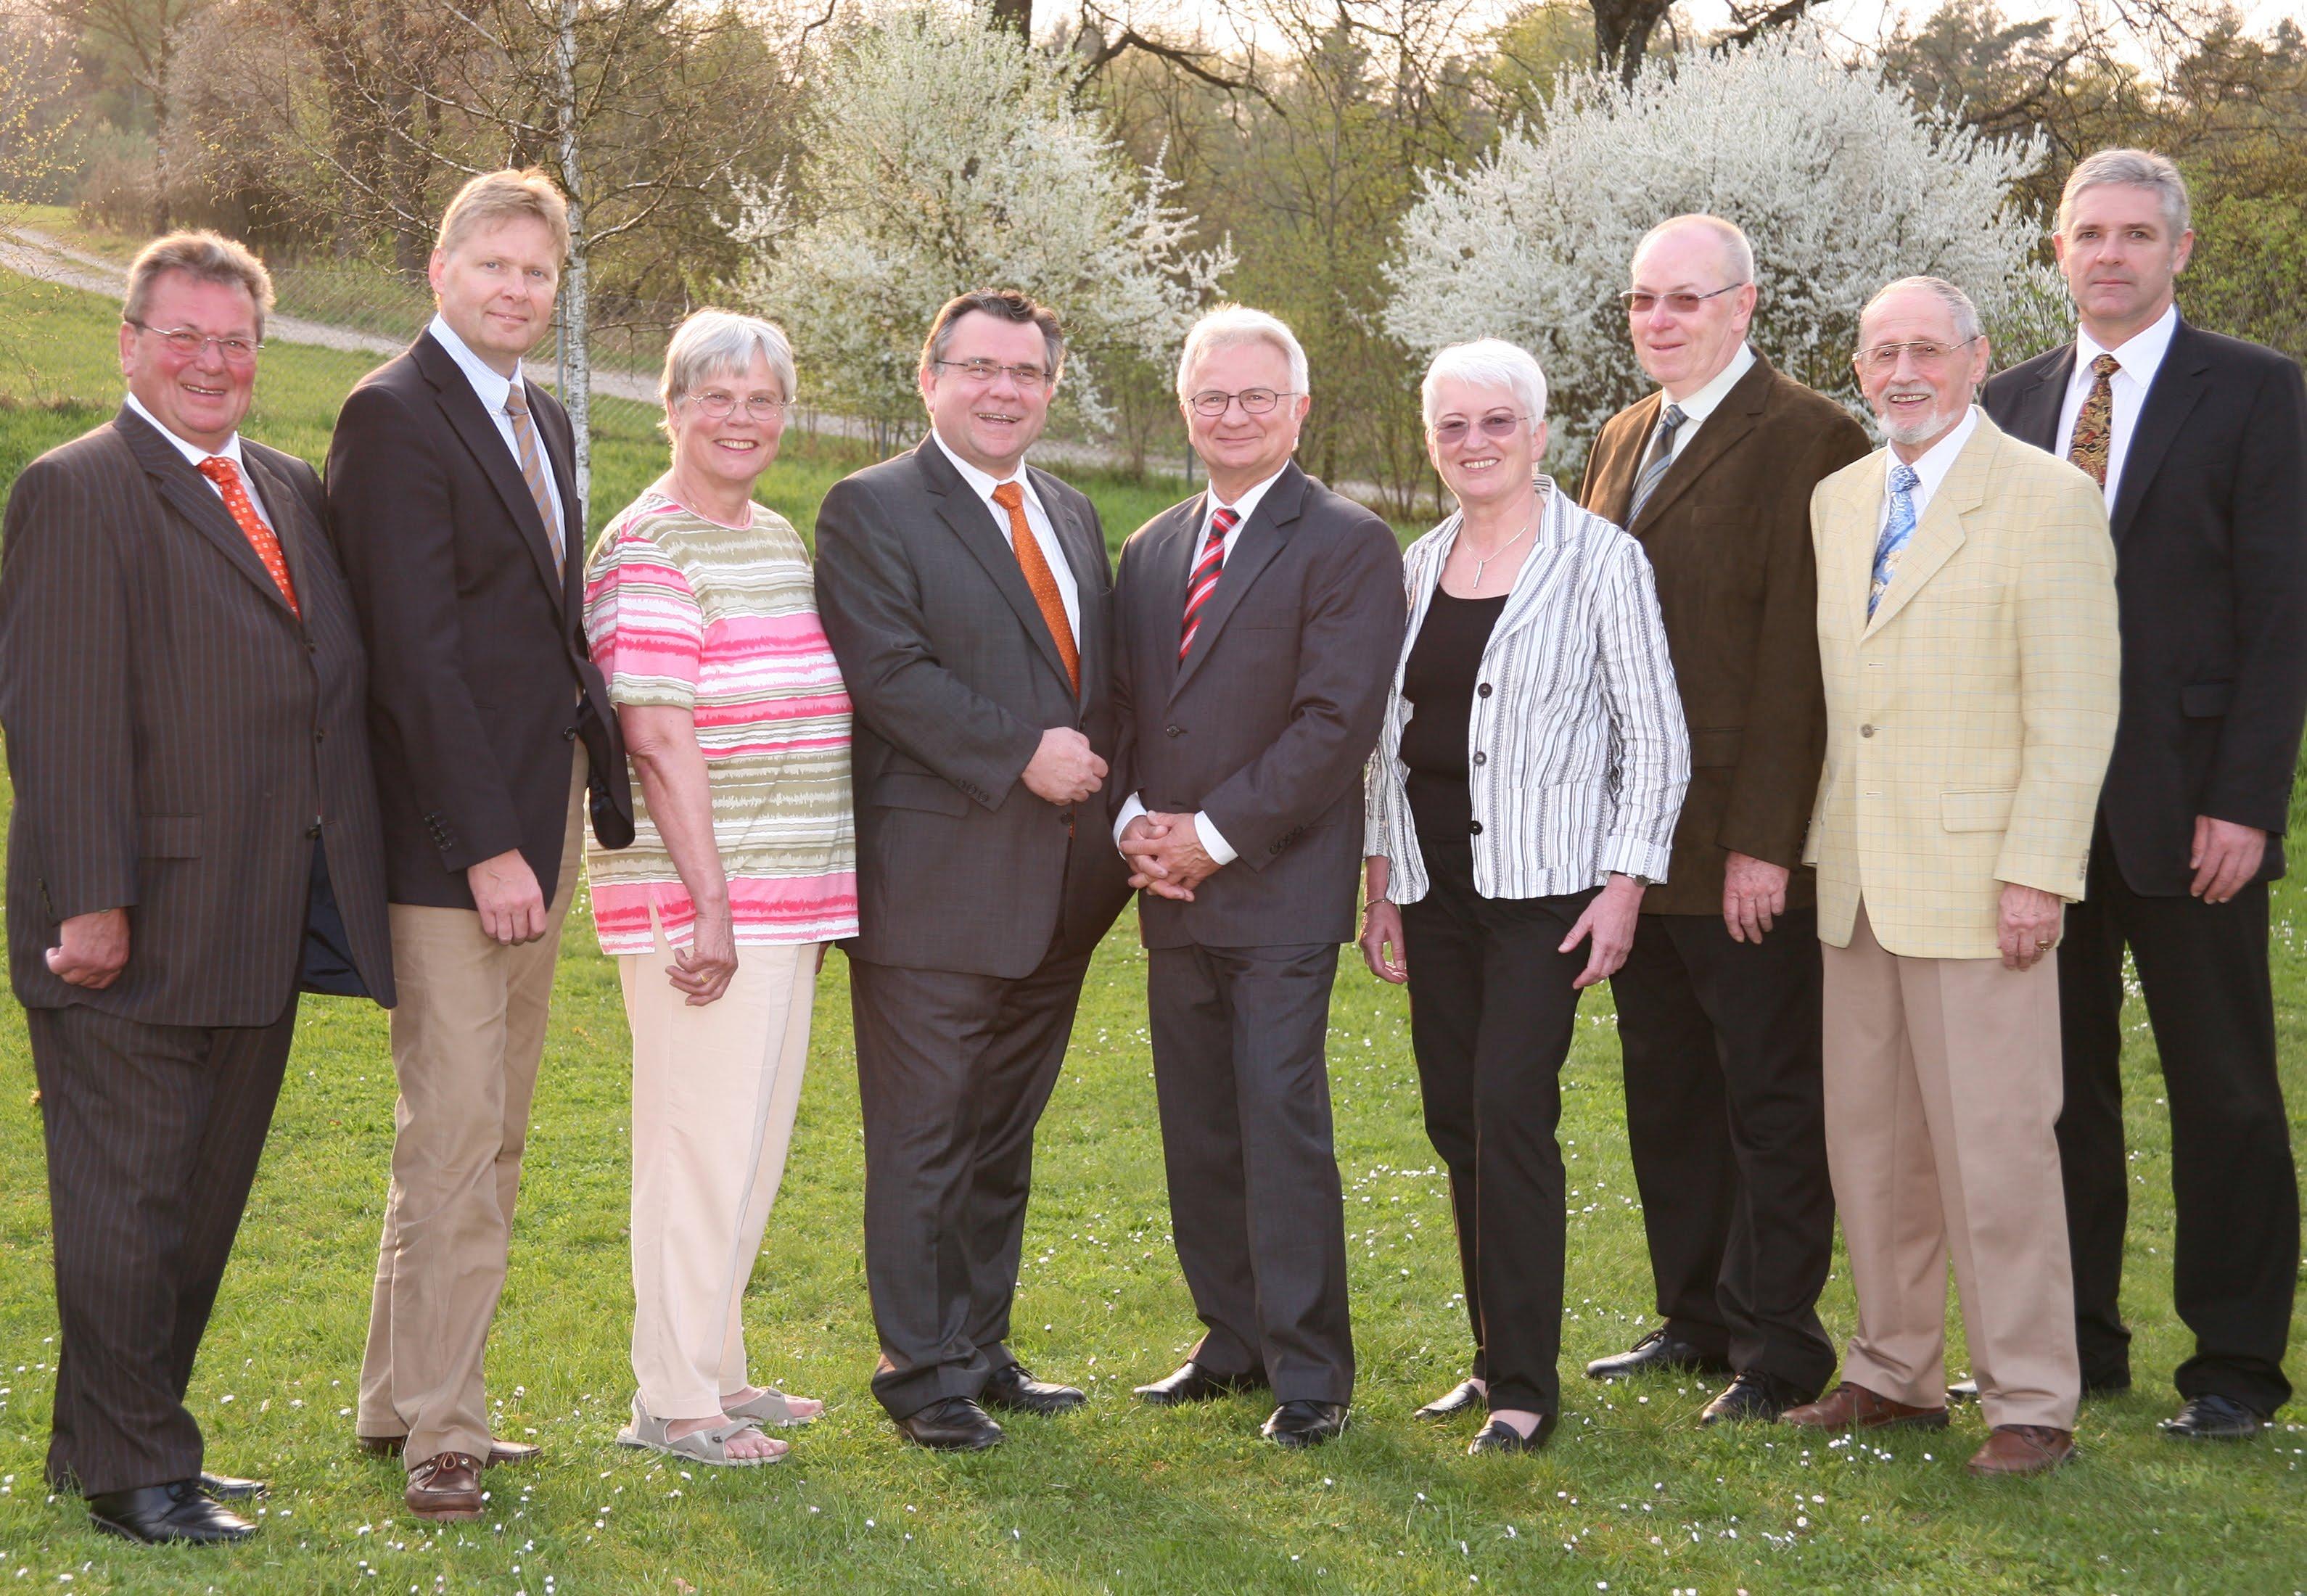 Archivbild zeigt einen Teil des Vorstands der Lebenshilfe Nürnberger Land, 2007. vl Hähnlein, Dünkel, Schneider, John, Niethammer (+), Lompa, Spieß, Graf (+), Six.